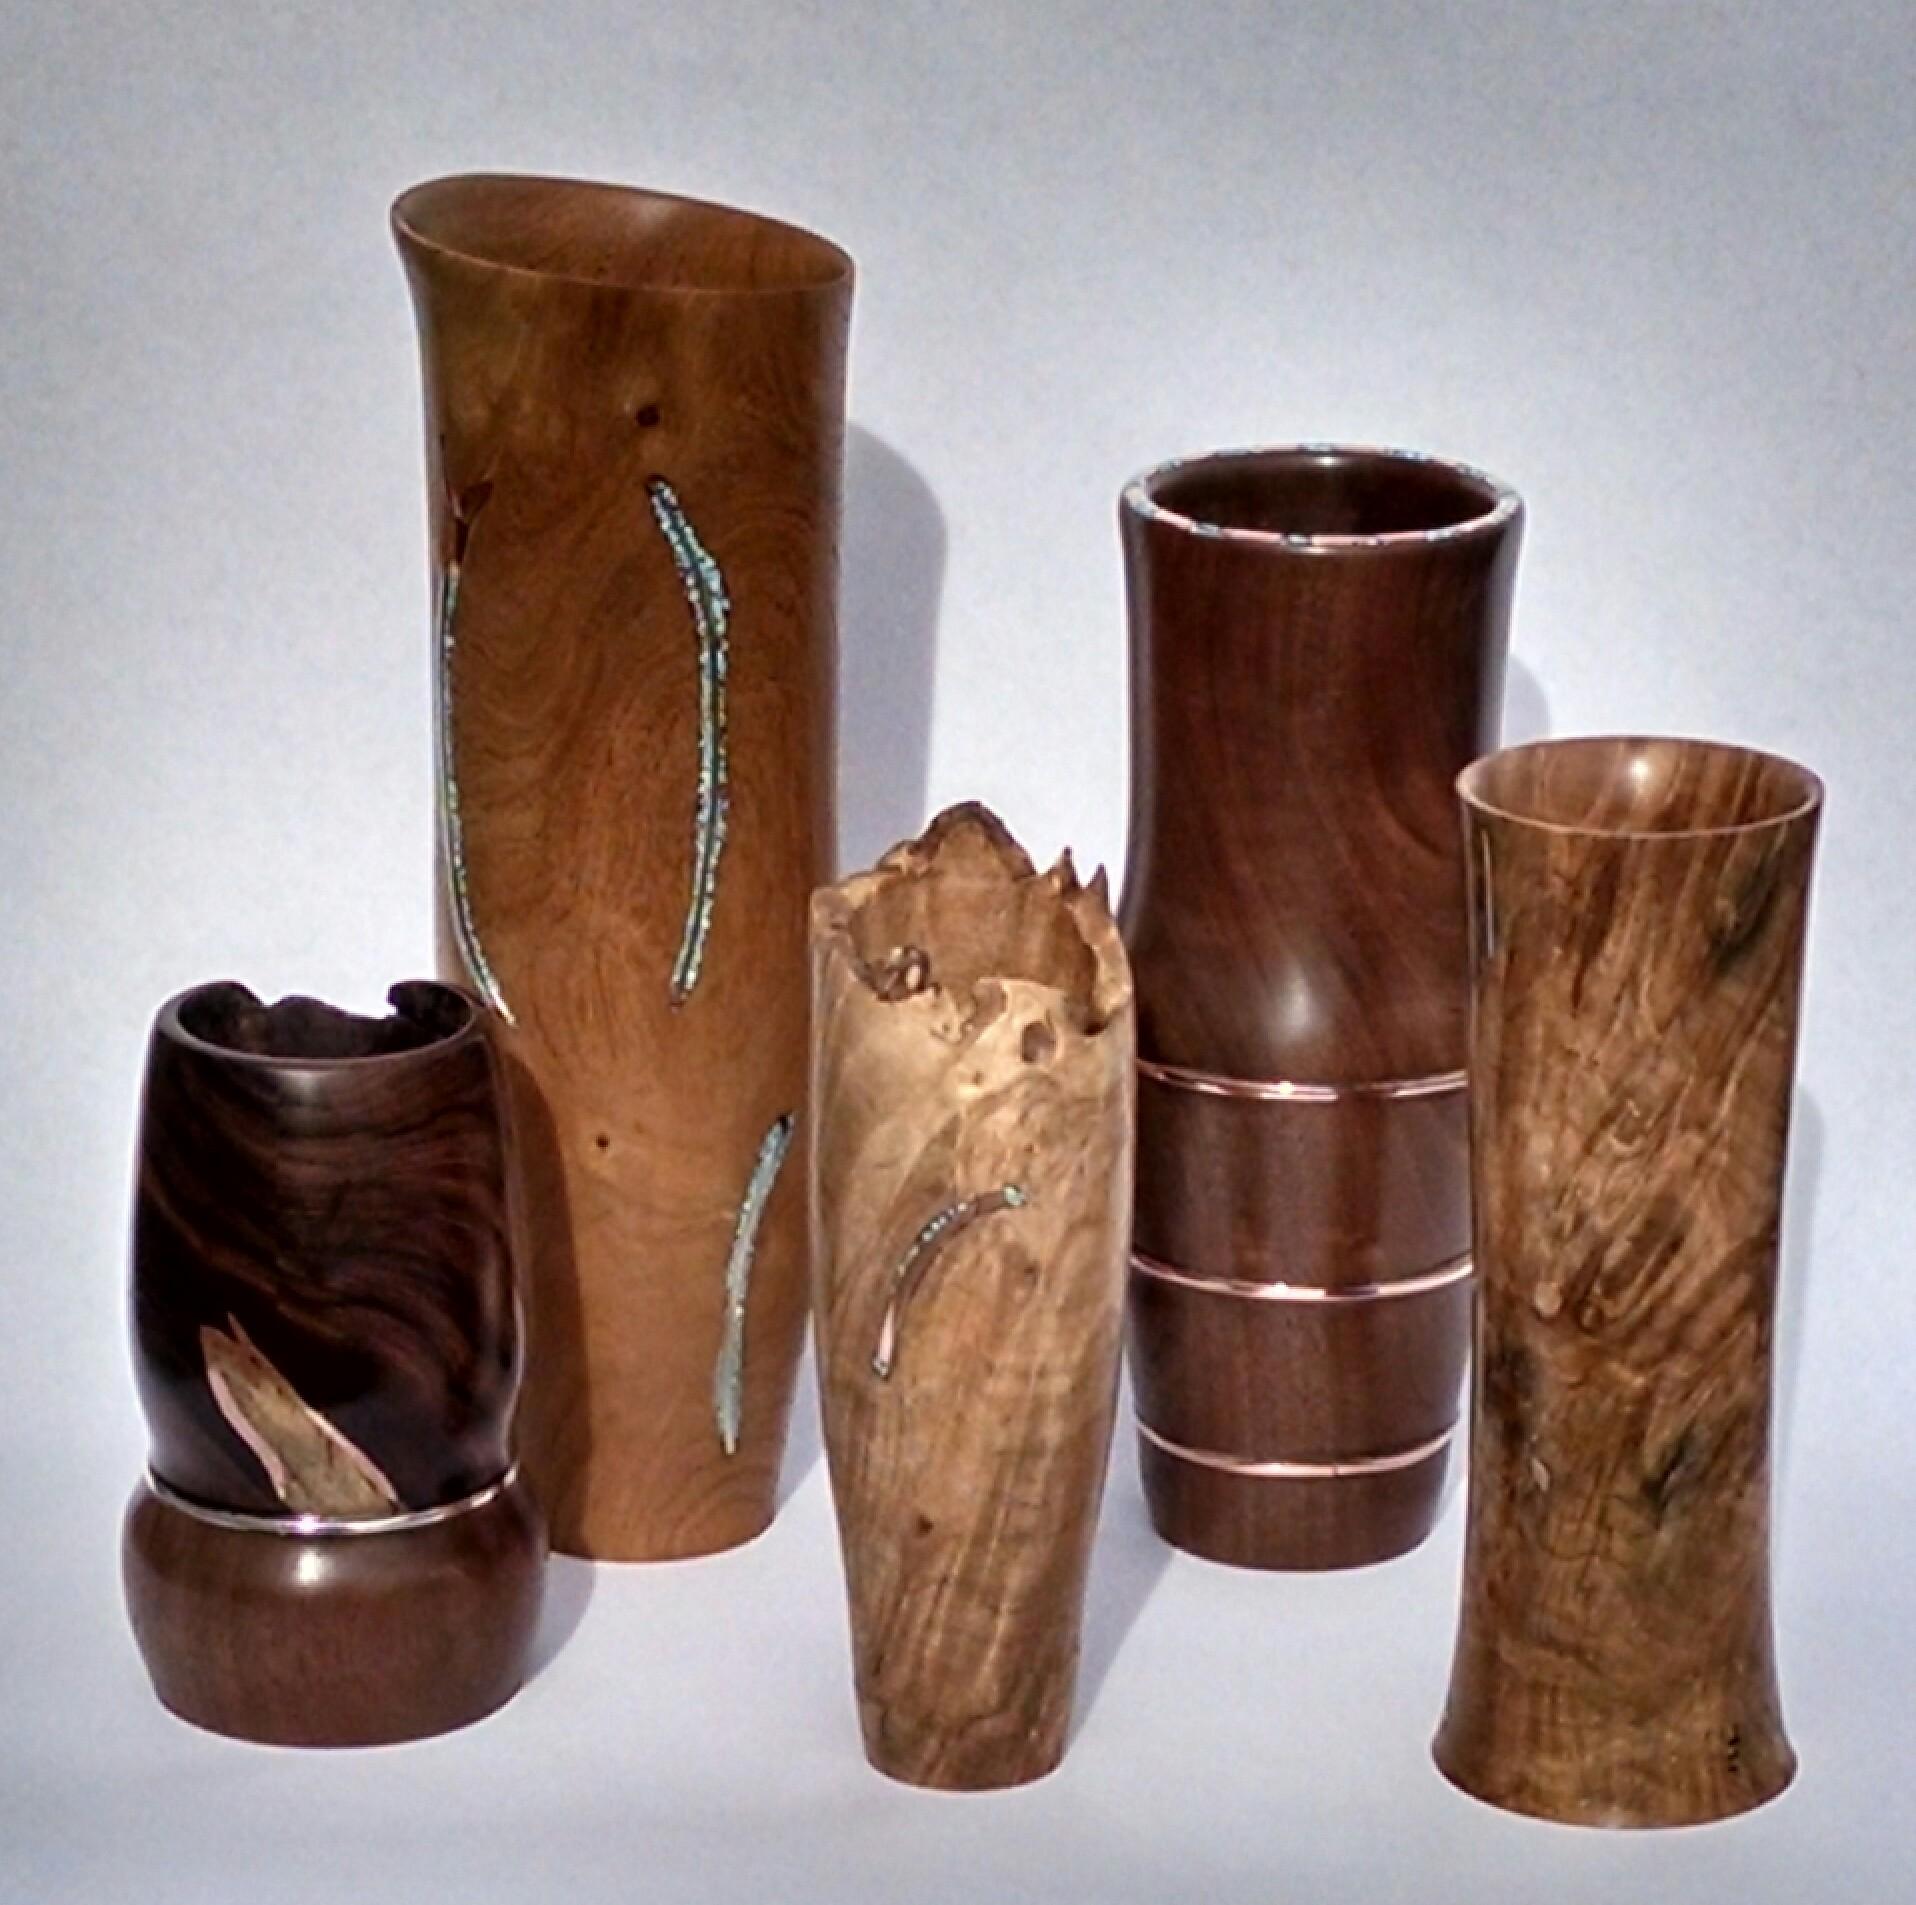 Turned Wood Vases